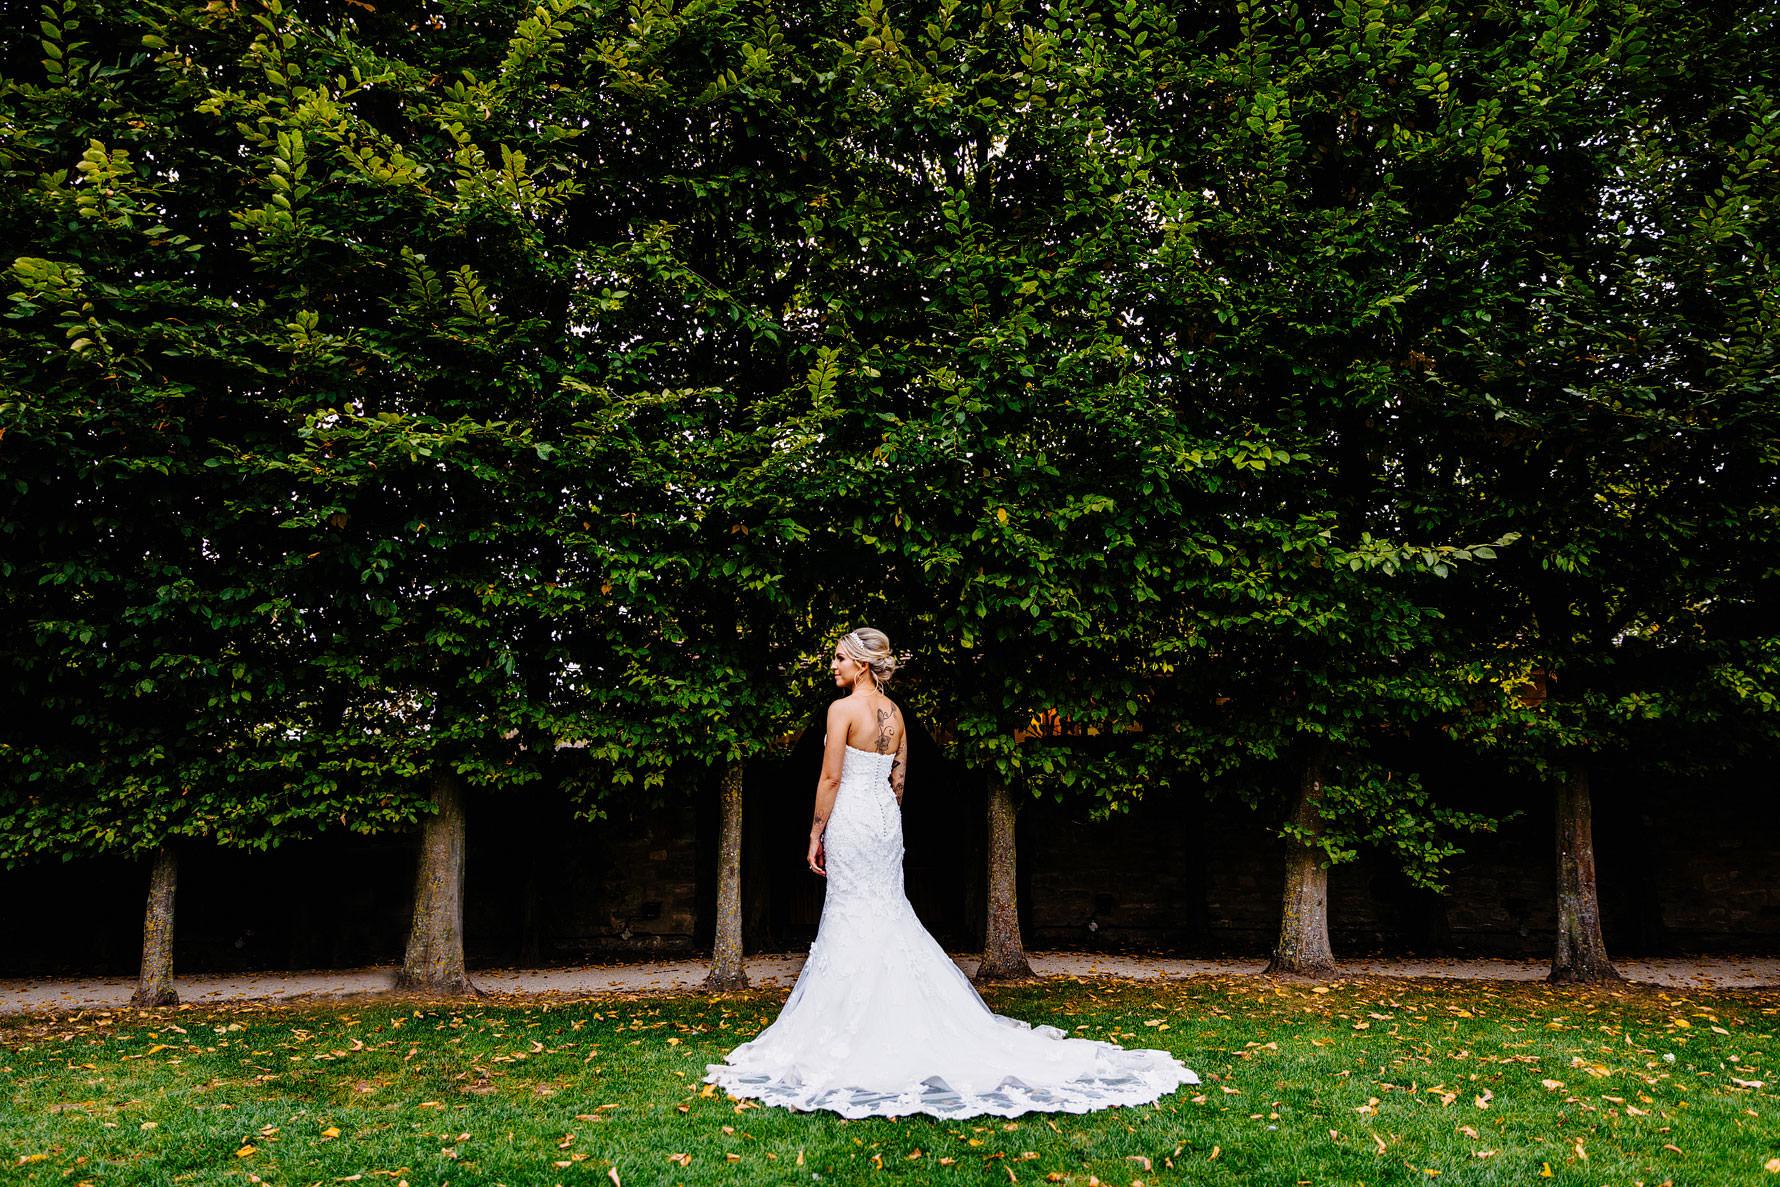 a detailed wedding dress